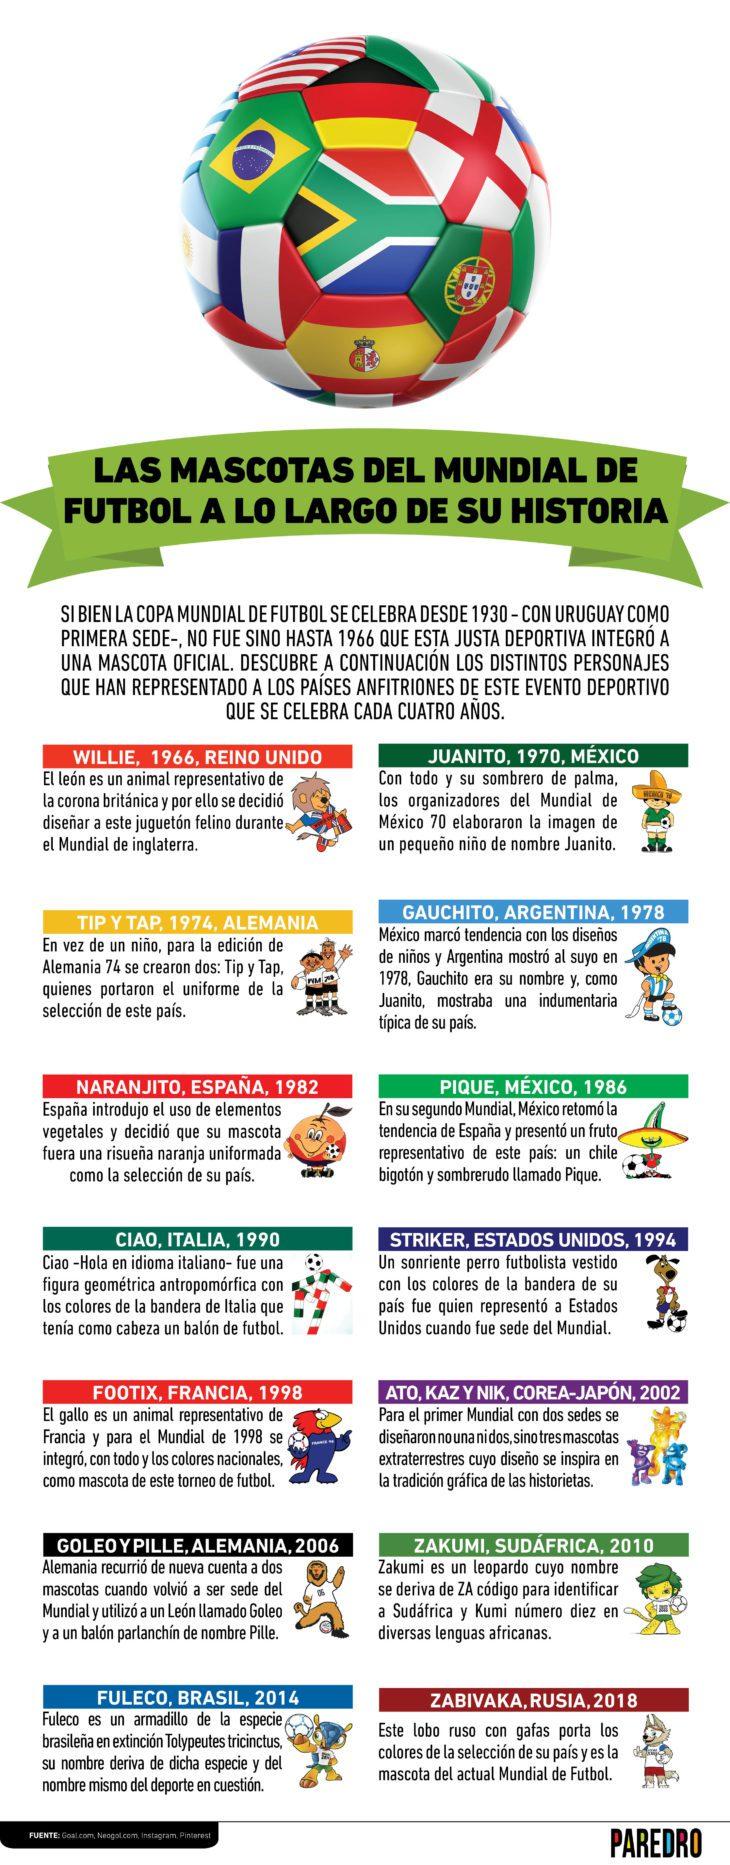 Las mascotas del mundial de fútbol a través del tiempo #infografia #infographic #marketing